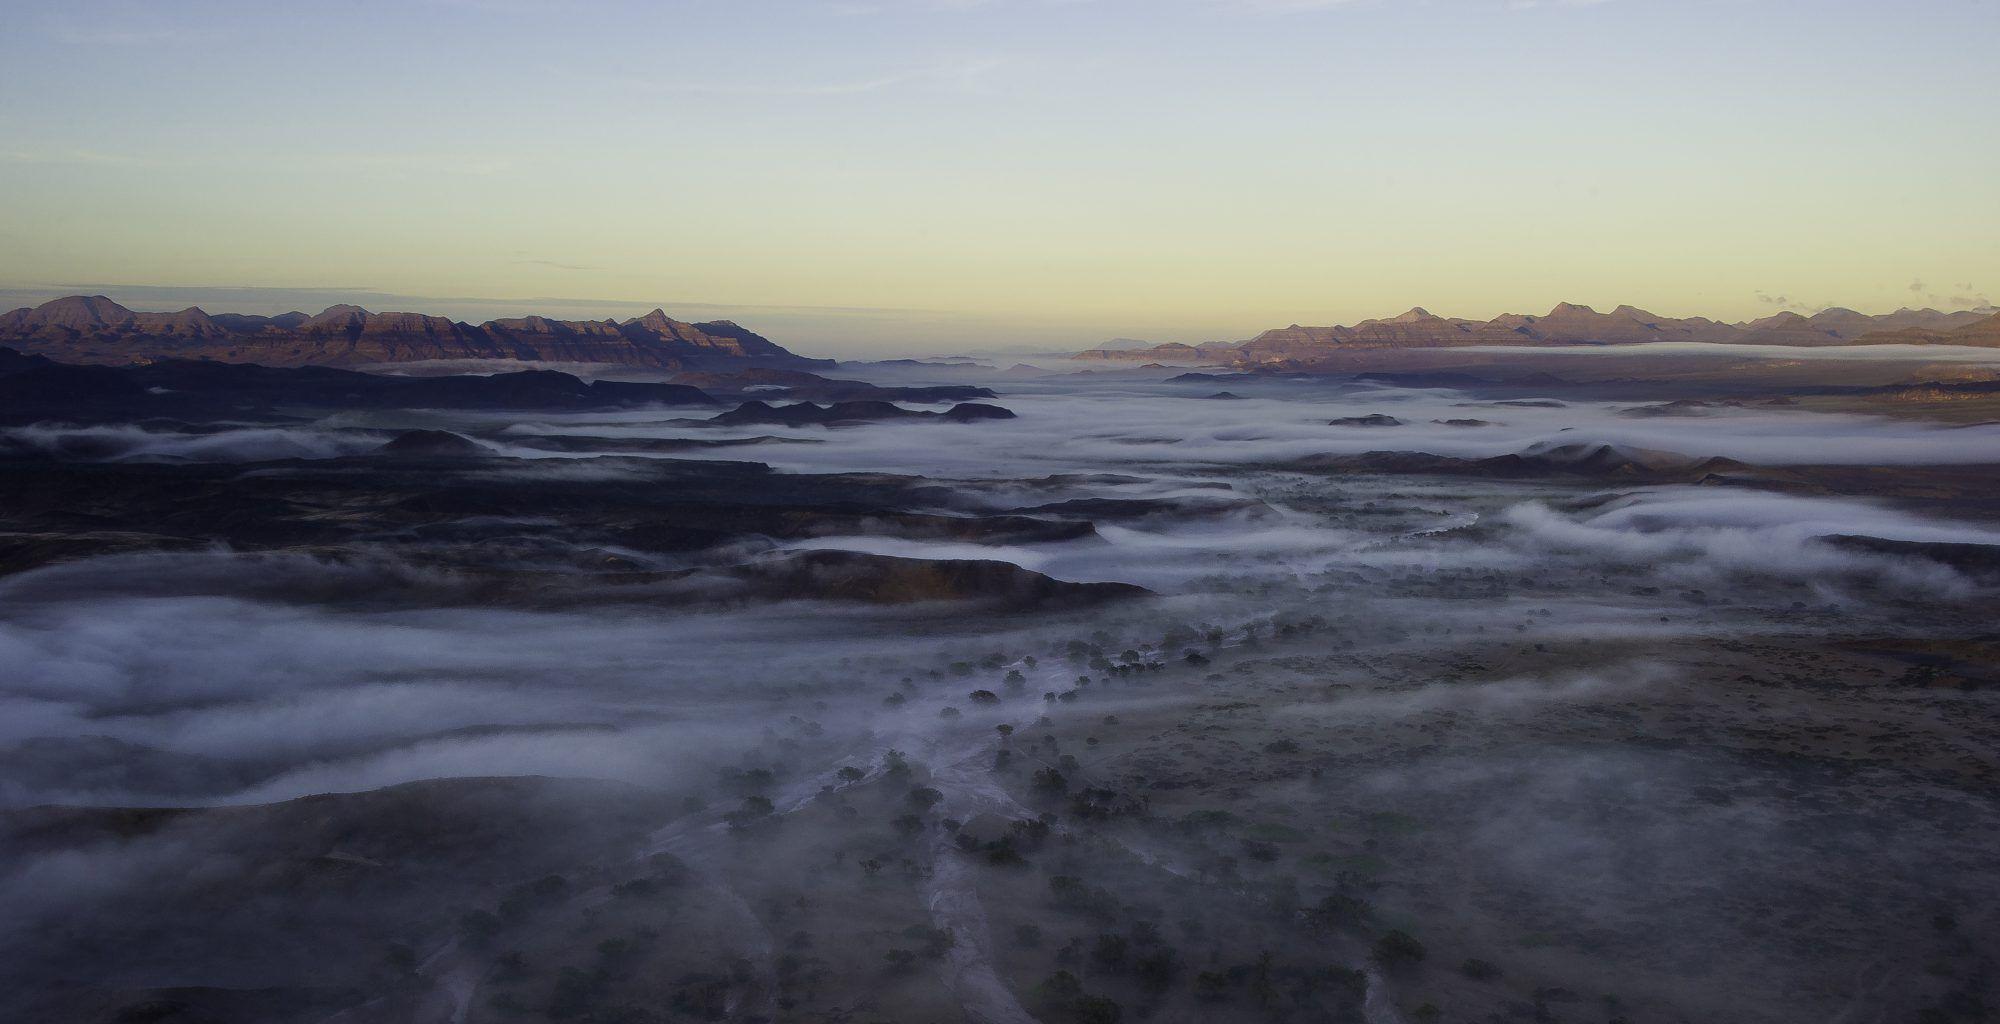 Namibia-Landscape-Sunset